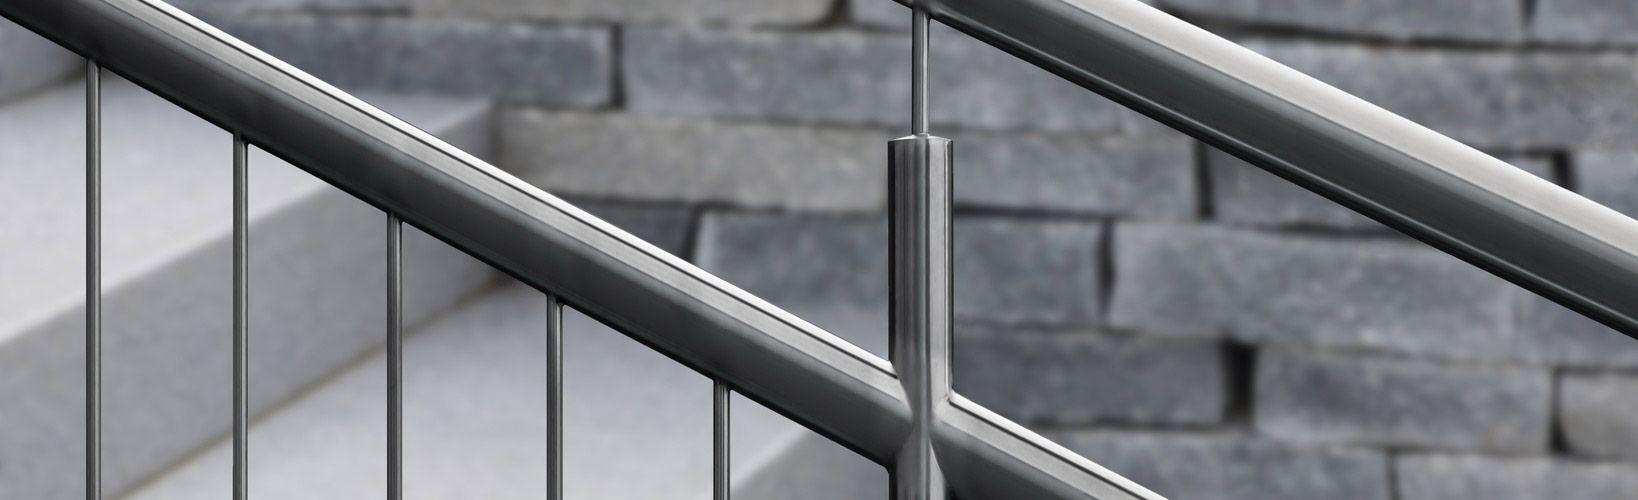 Unikatowe wyroby - stalowe, ze stali nierdzewnej oraz szkła